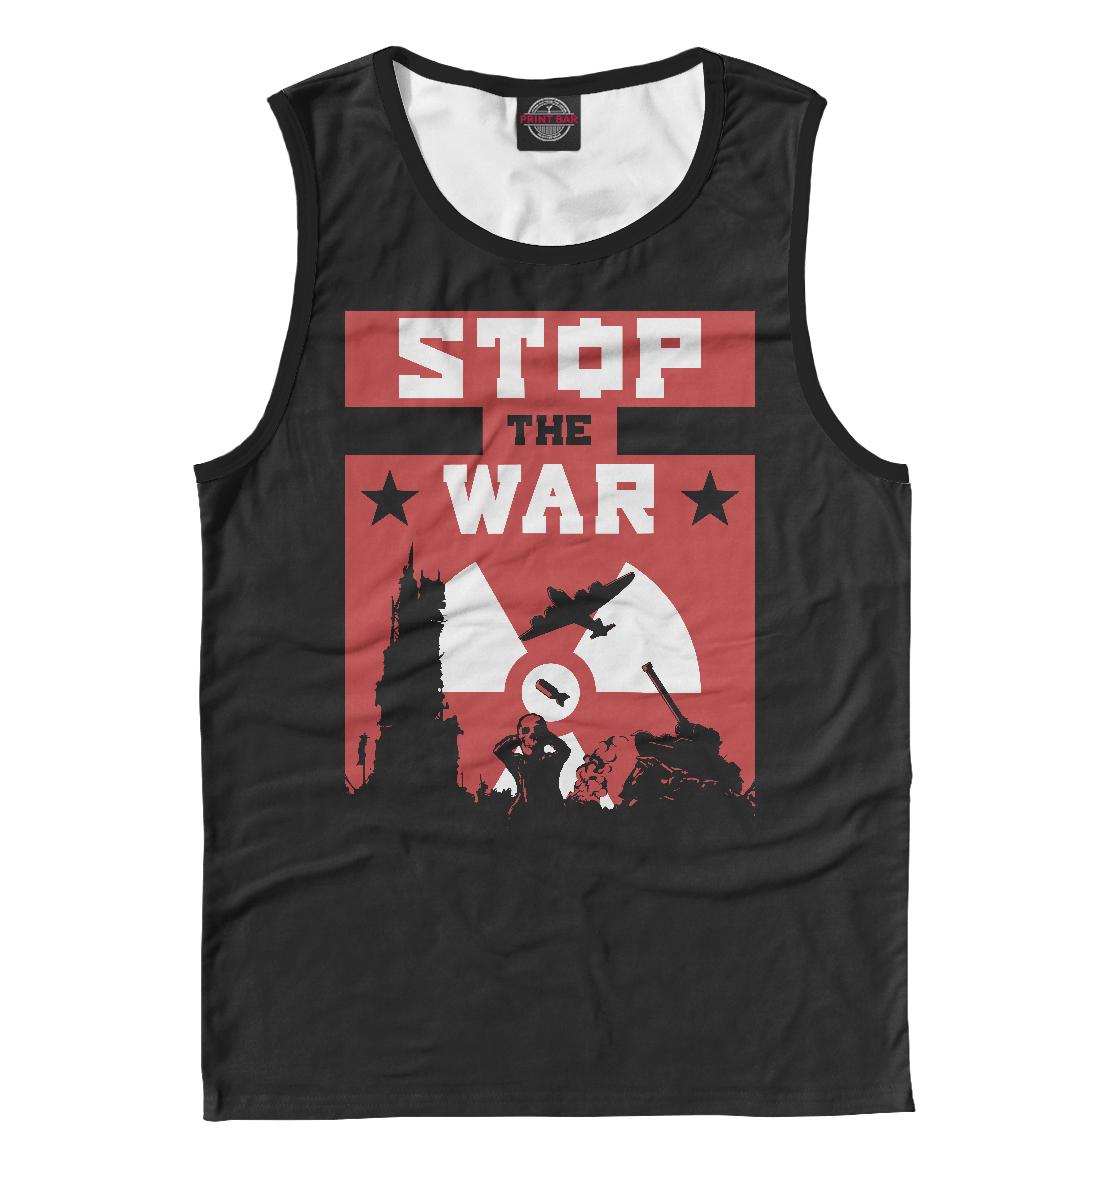 Stop the War the war